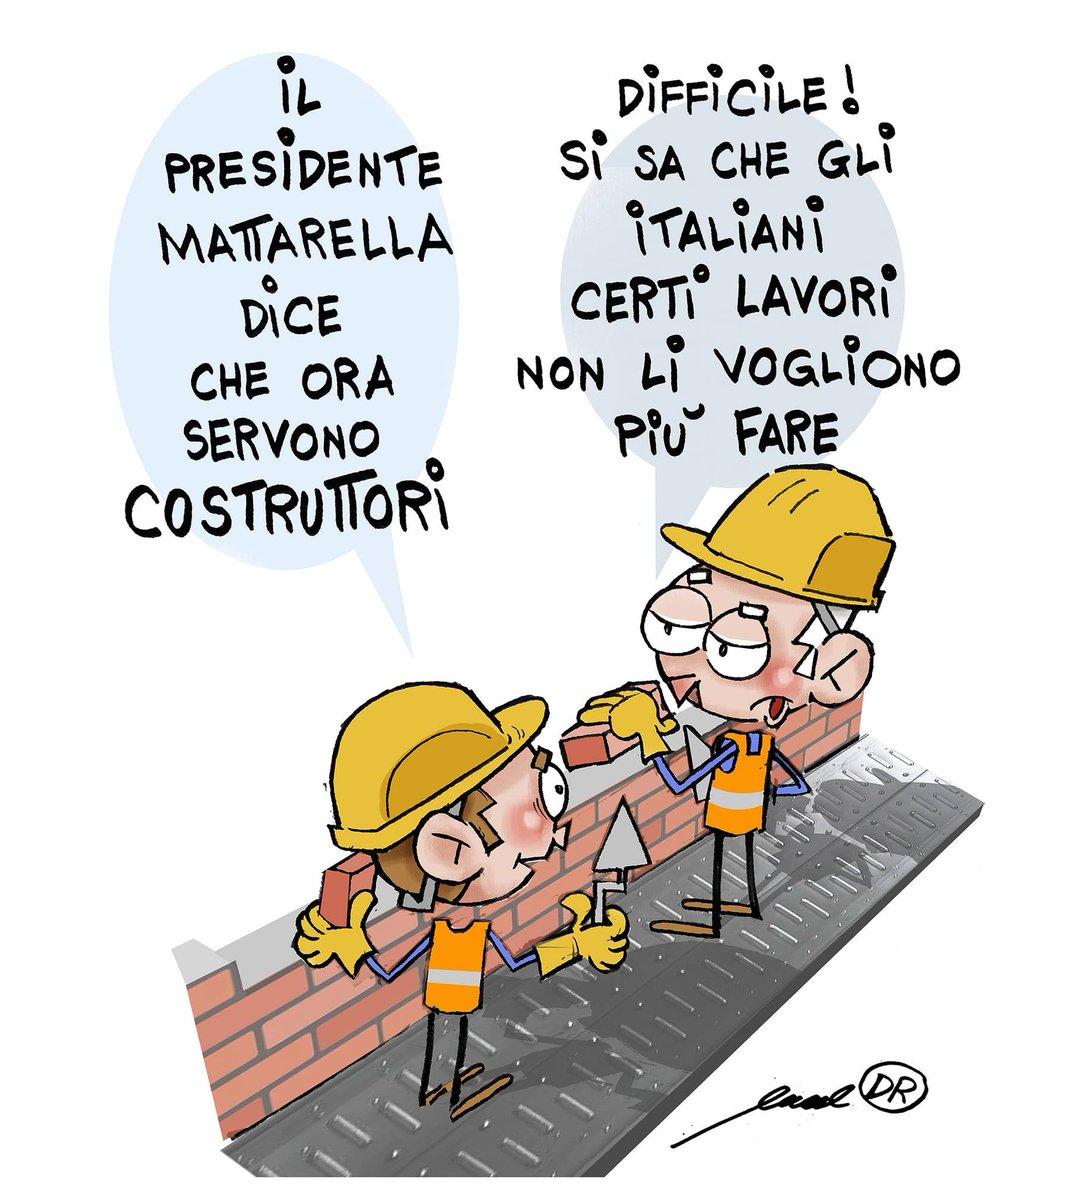 Del resto, le indicazioni del Presidente #Mattarella appaiono chiare  Così Manuel De Rossi   #crisidigoverno  #costruttori  #vignettistiperlacostituzione 🇮🇹